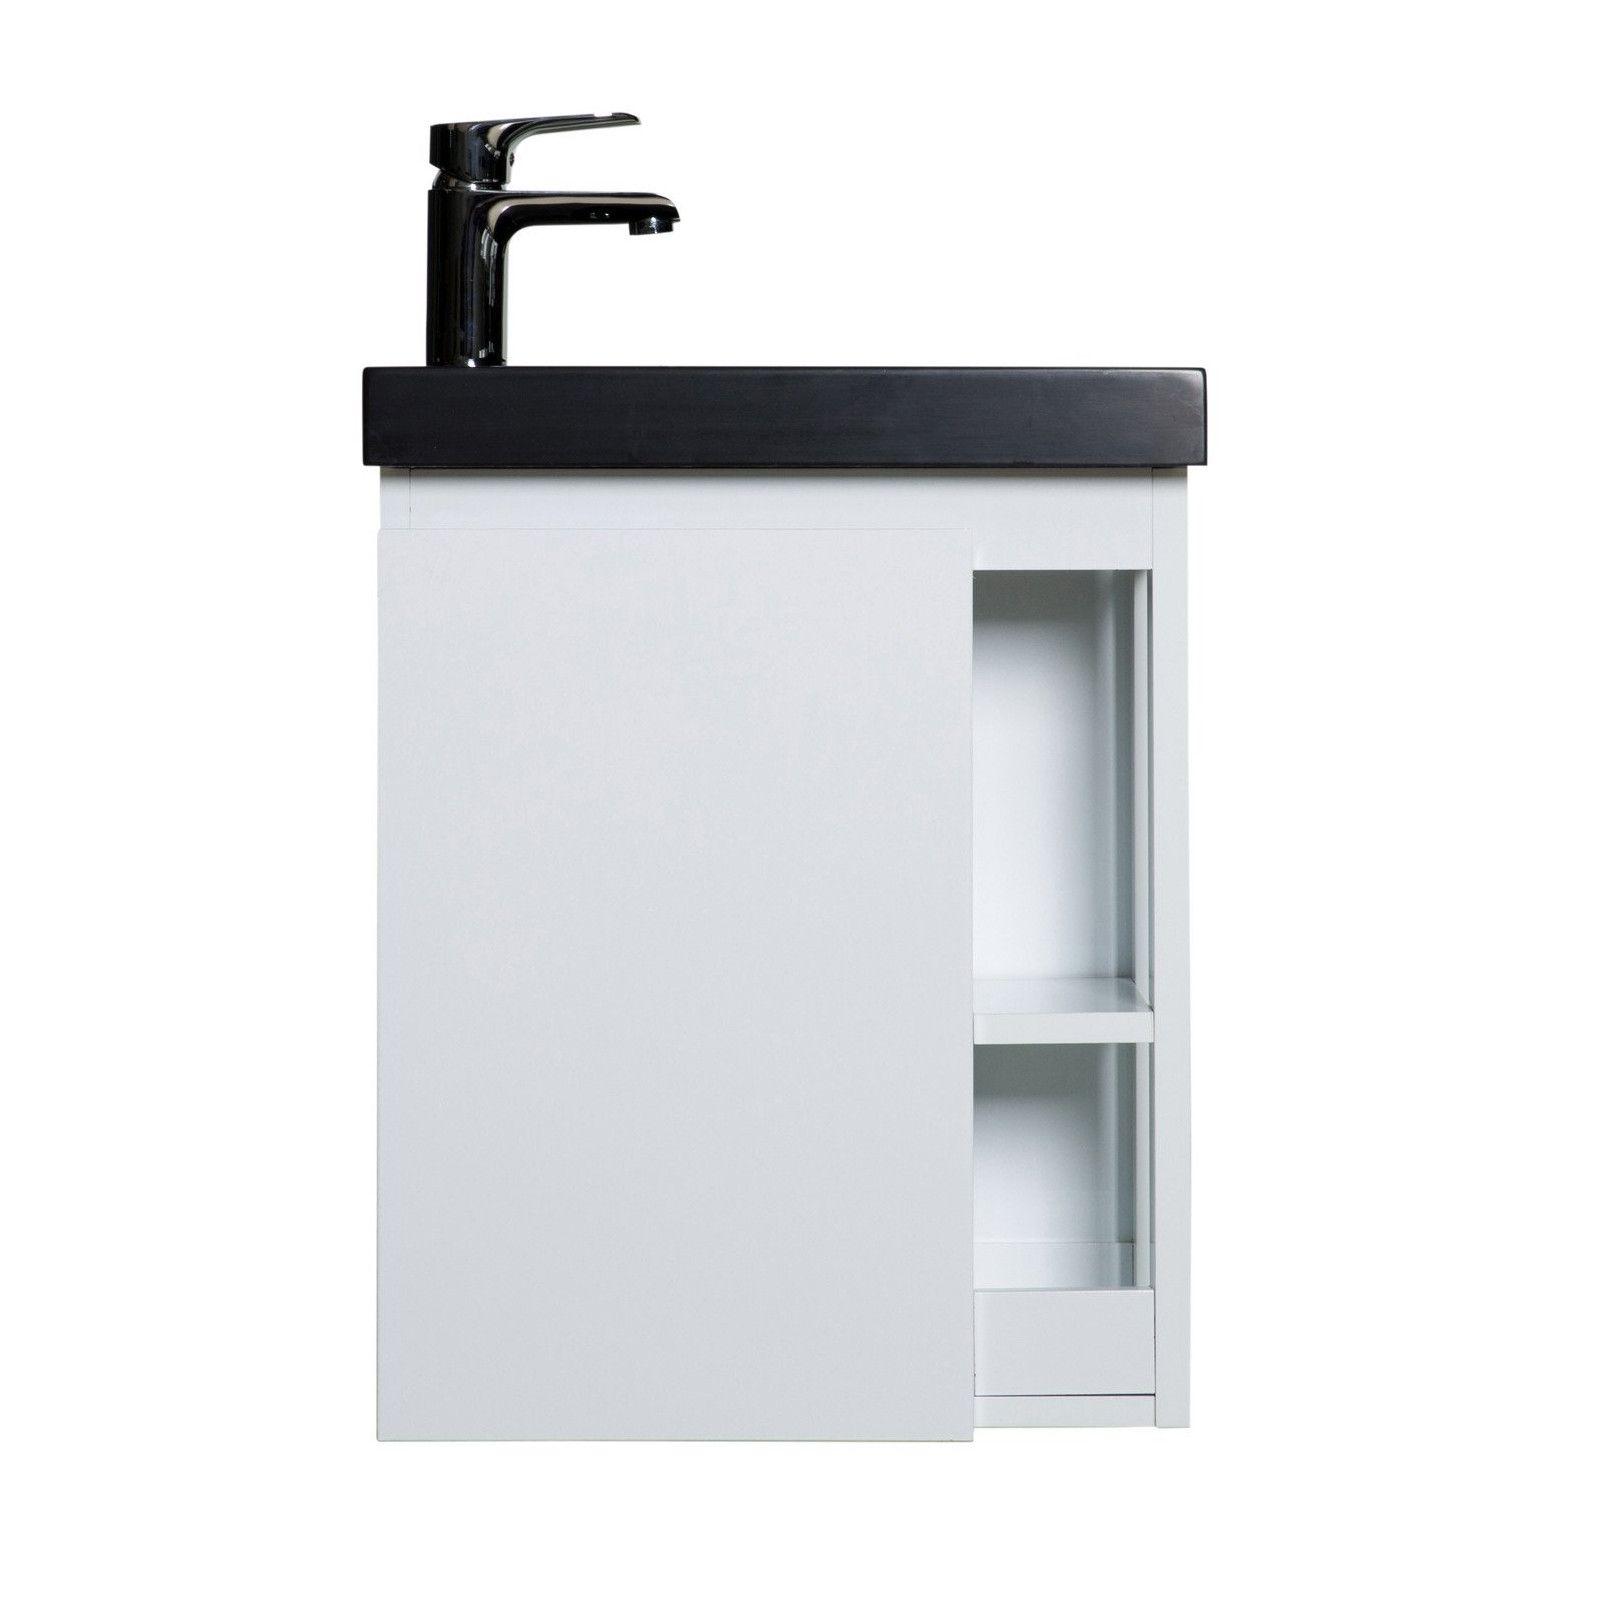 Lave-mains Blanc & noir L41,5 x H53 HAMPTON